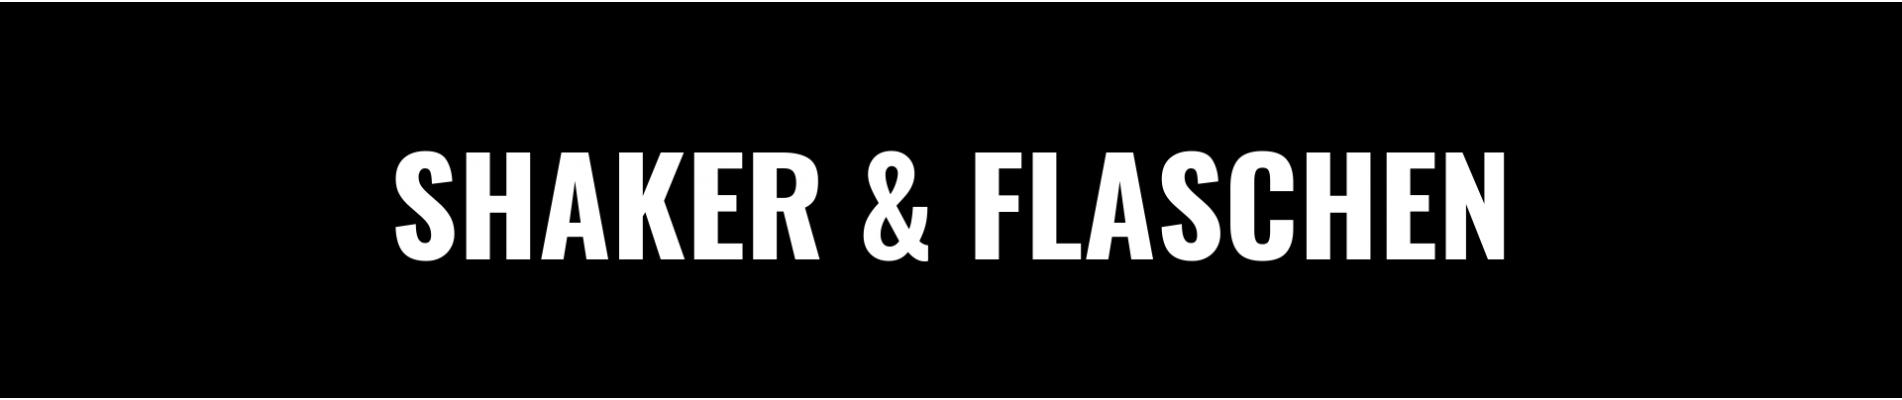 SHAKER & TRINKFLASCHEN